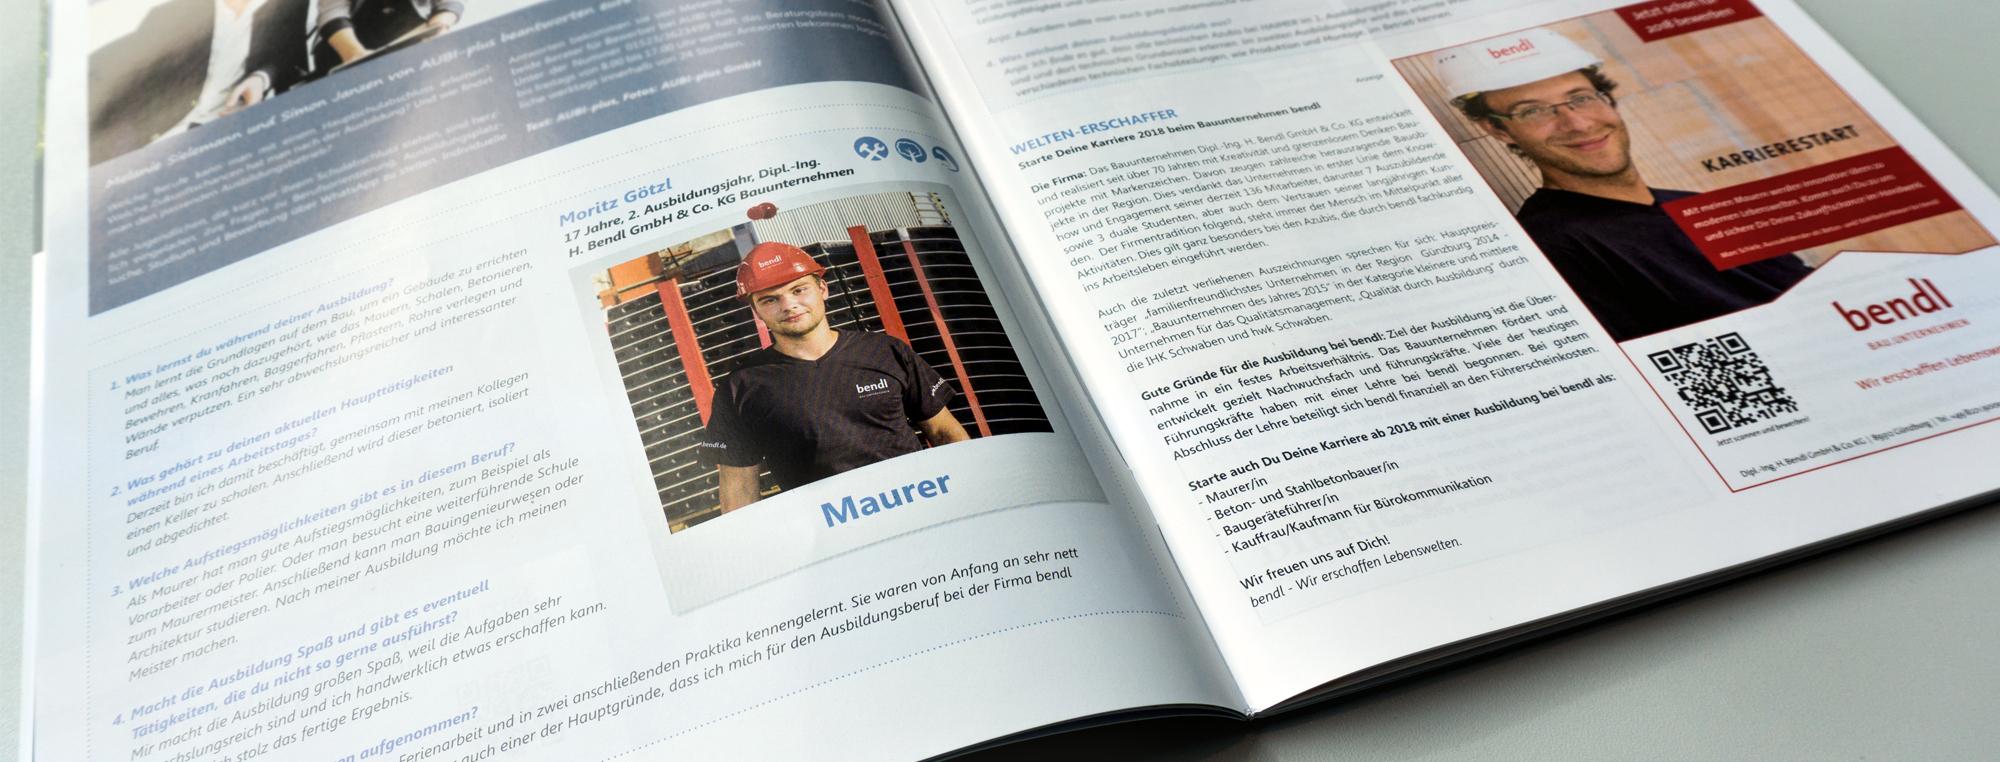 Azubi-Interview mit Maurer-Lehrling Morizt vom Bauunternehmen bendl in der neuen Ausgabe Durchstarter Herbst 2017